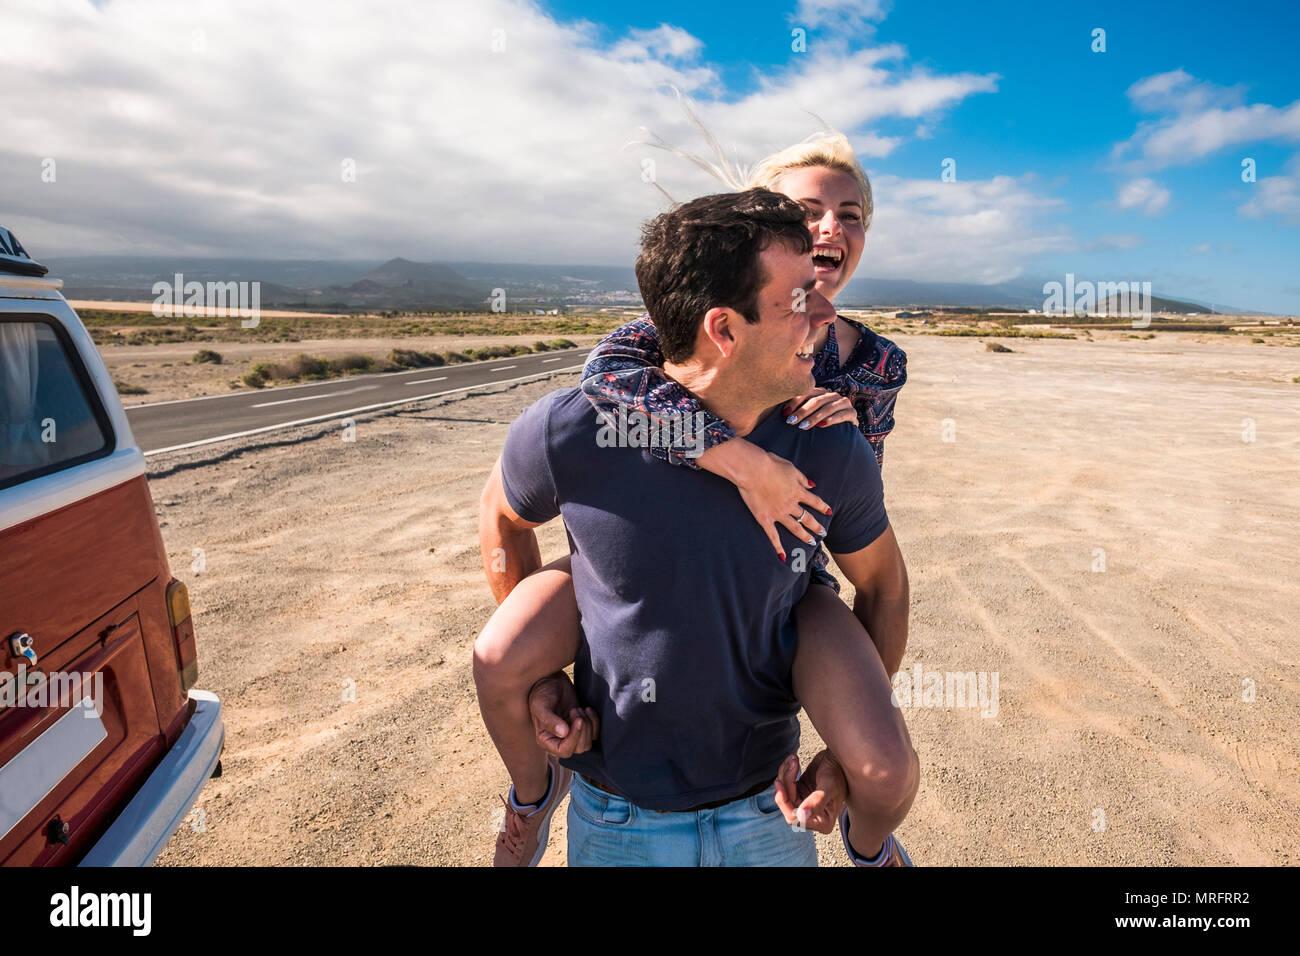 Schön kaukasischen schönes Modell Paar in Liebe zusammen spielen und in der Freizeit Aktivitäten im Freien in der Nähe von einem langen Weg durch die Wüste in einer langen Reise v Aufenthalt Stockbild